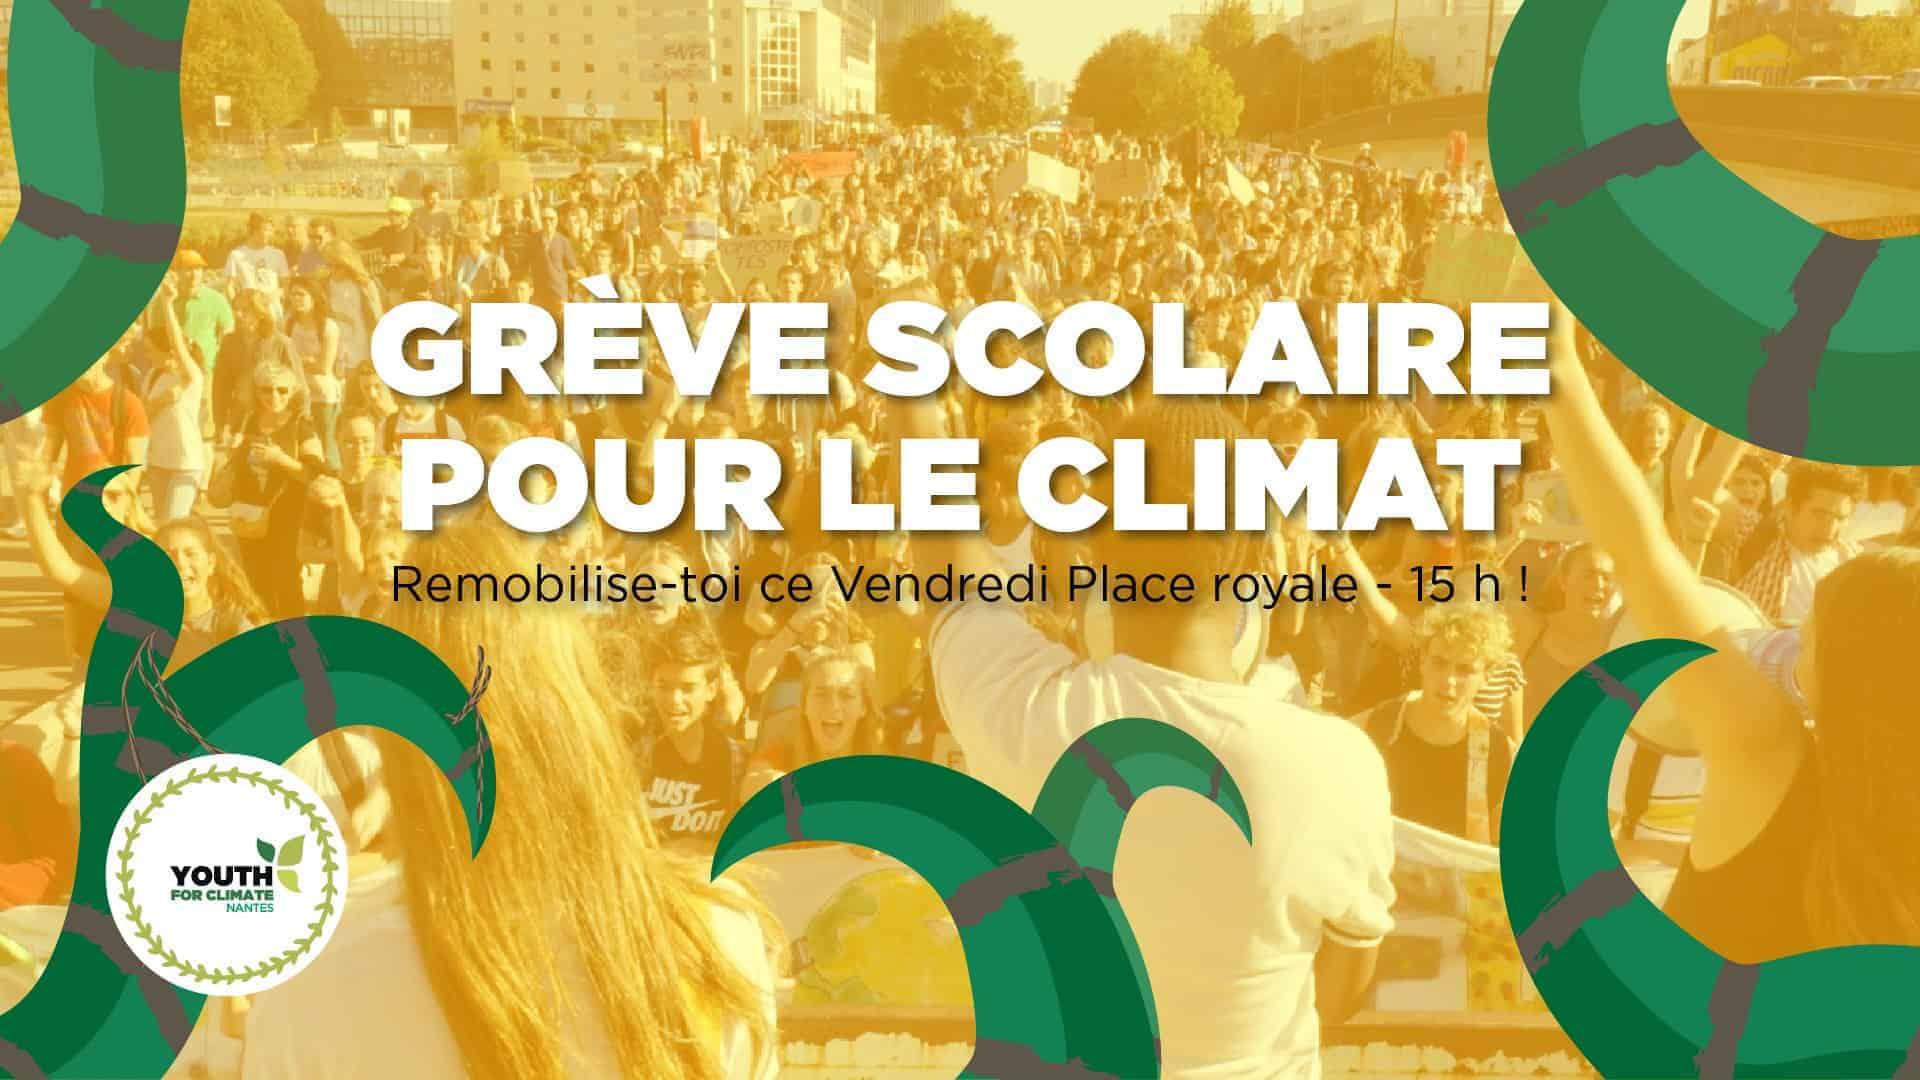 marche-pour-le-climat-septembre-2020-nantes